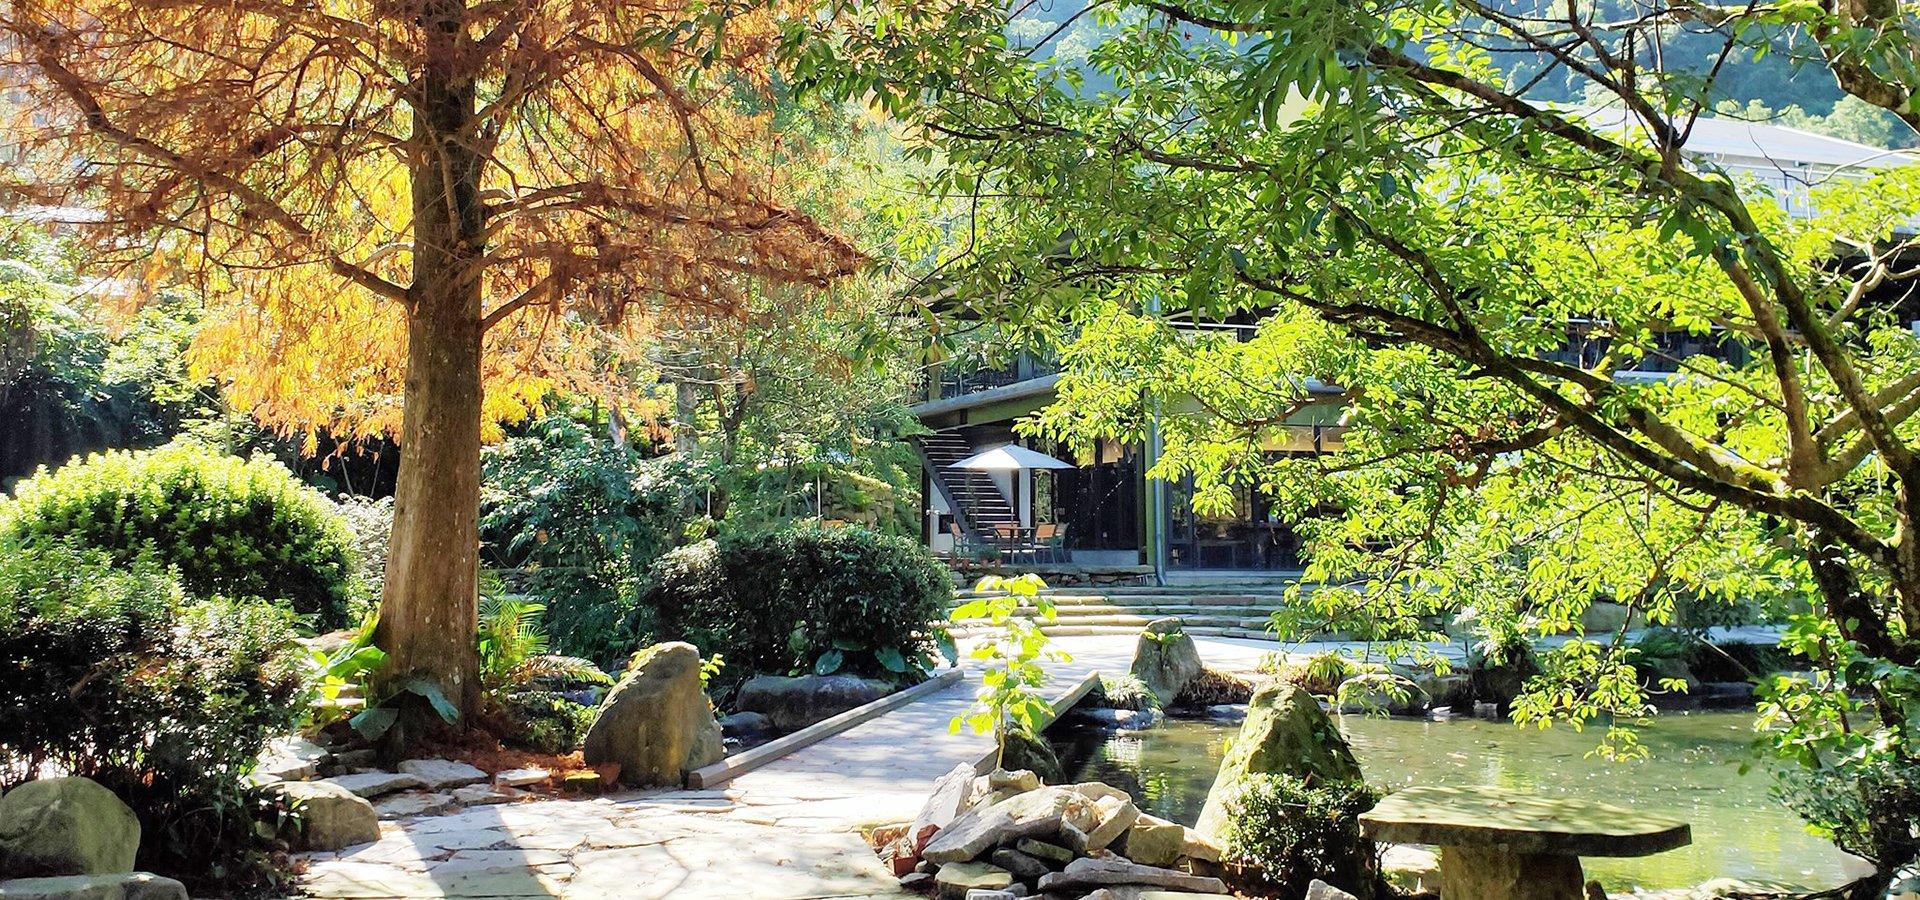 紫森林旅宿庭園景觀